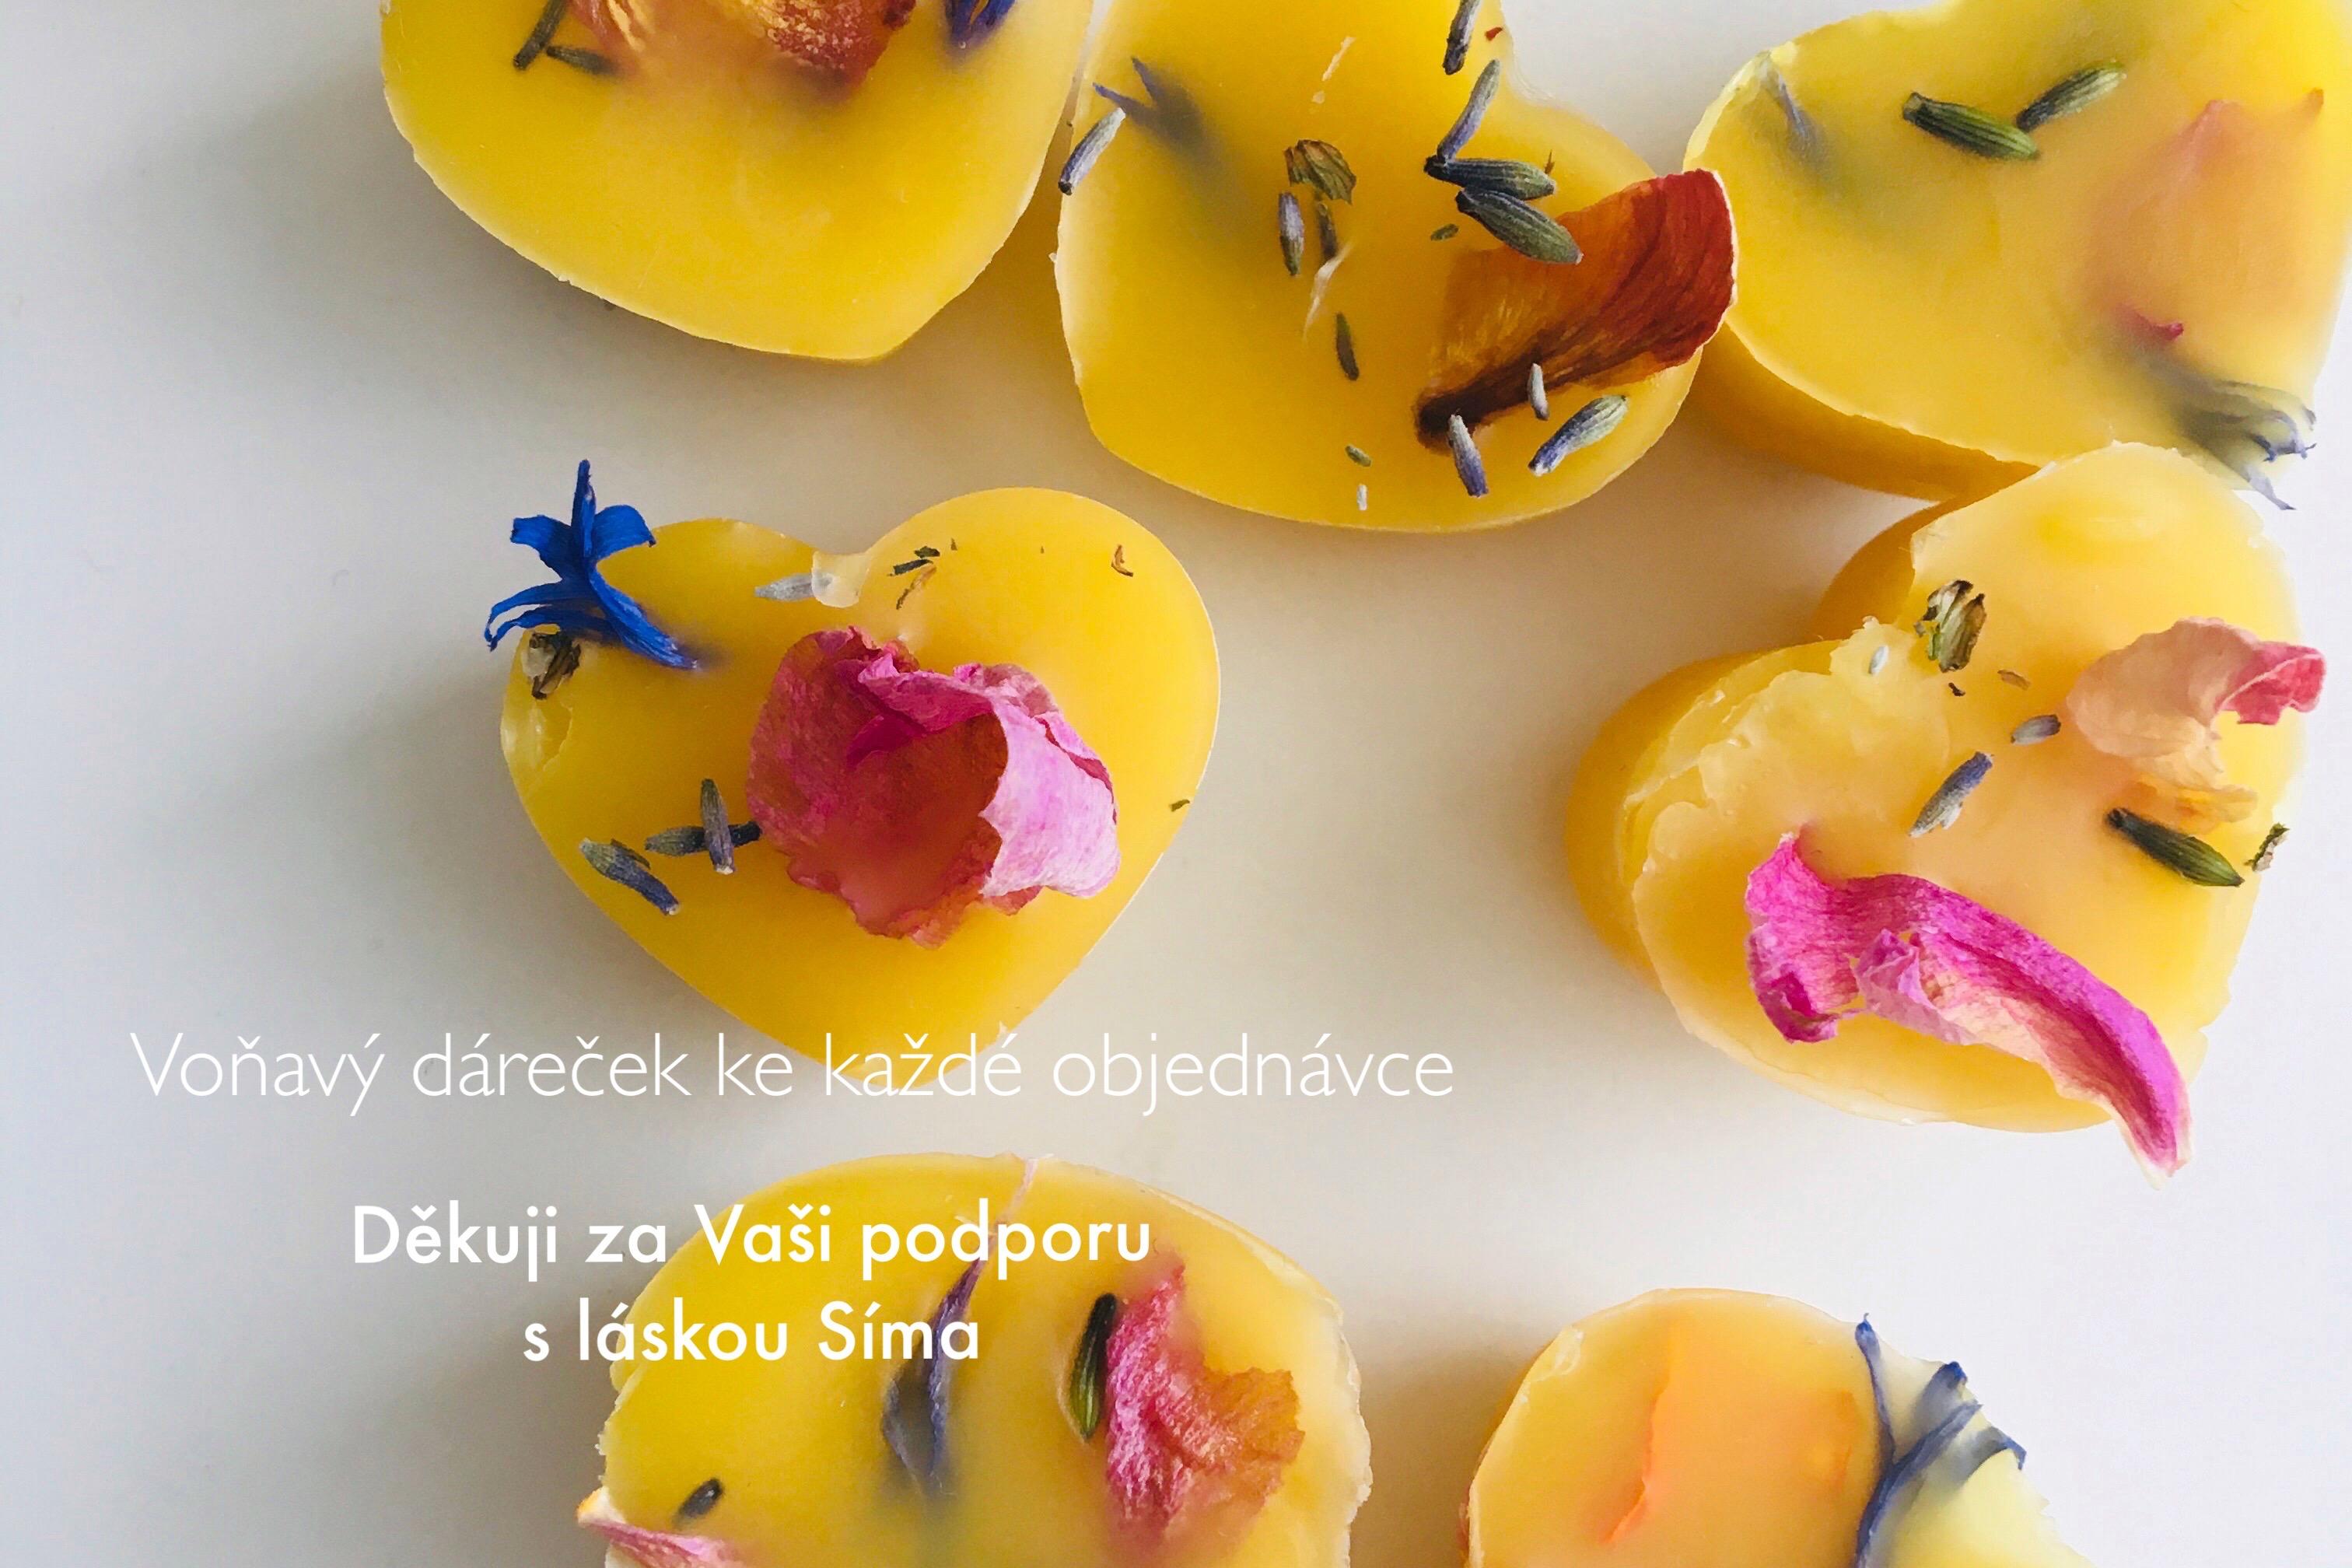 Voňavá srdíčka ze včelího vosku v kombinaci s přírodními esenciálními oleji, které jsou zdobené květinkami z vlastní zahrádky